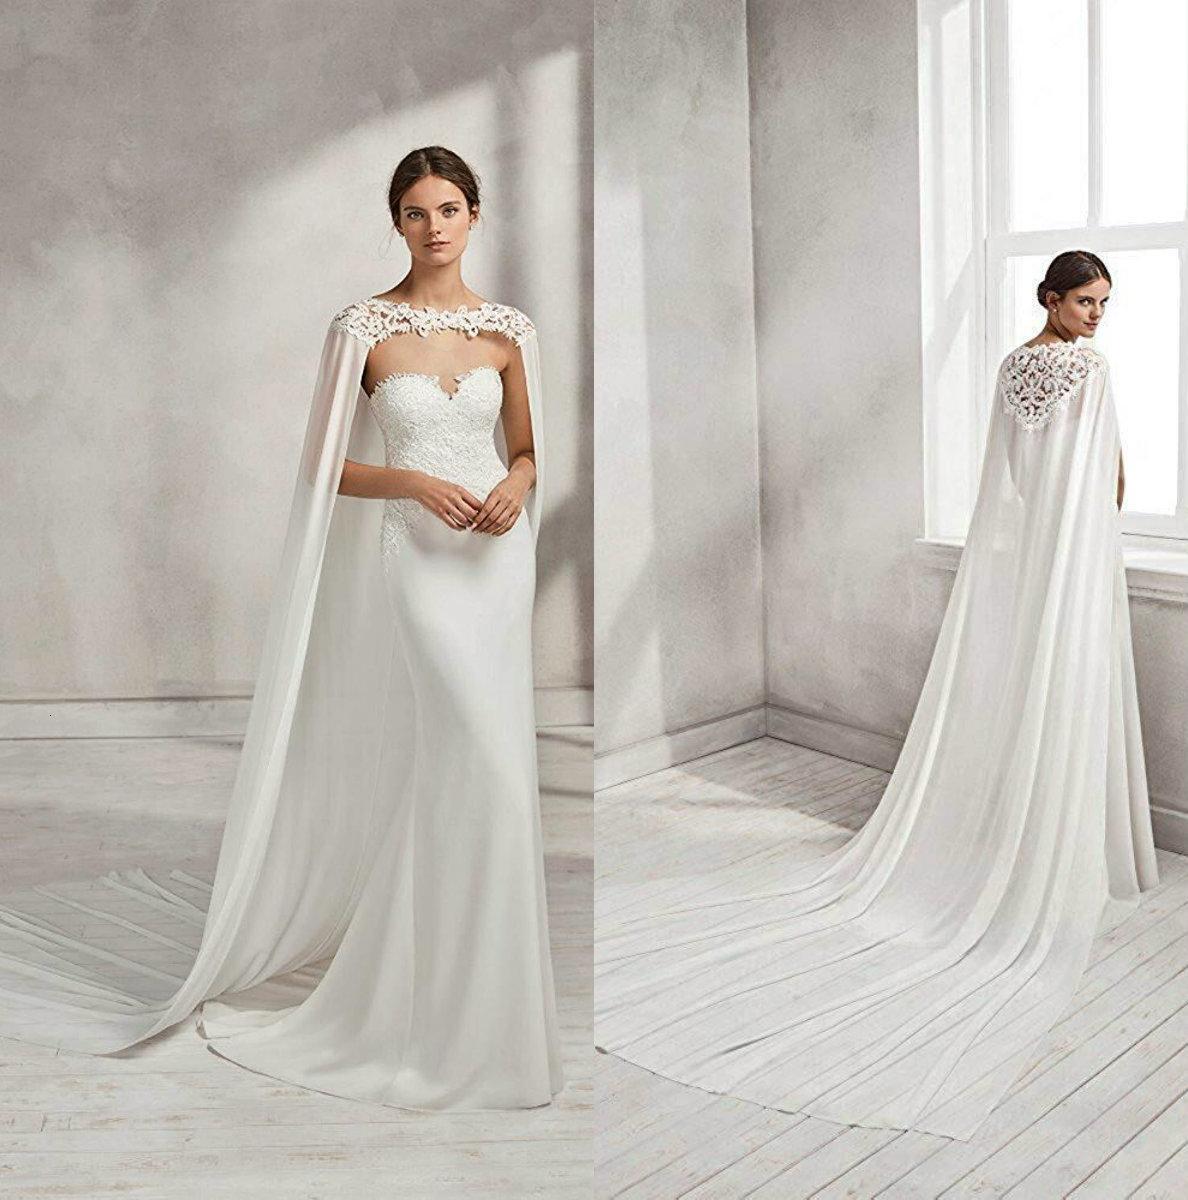 Chic Bridal Capes Custom Custom Dentelle Appliques Robe de mariage de mariage pour femmes balayer des vestes de train Bolero Mousseline de soie